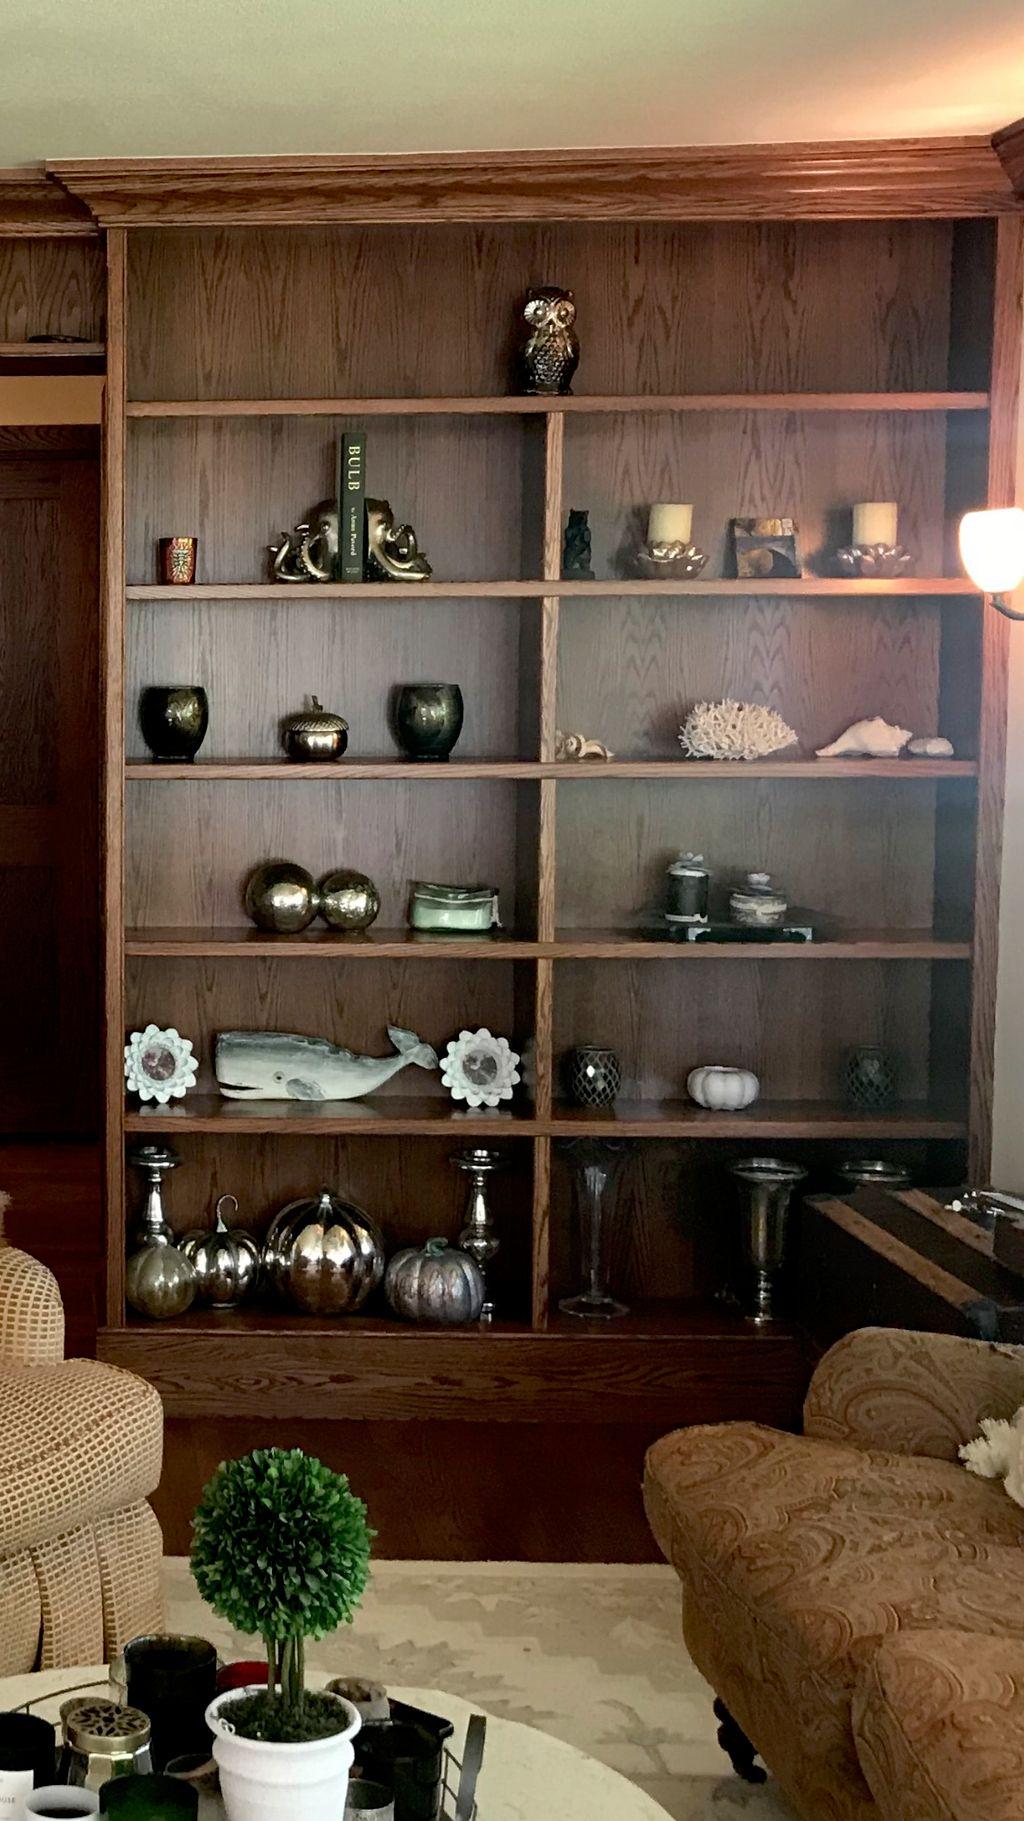 Built in bookshelves